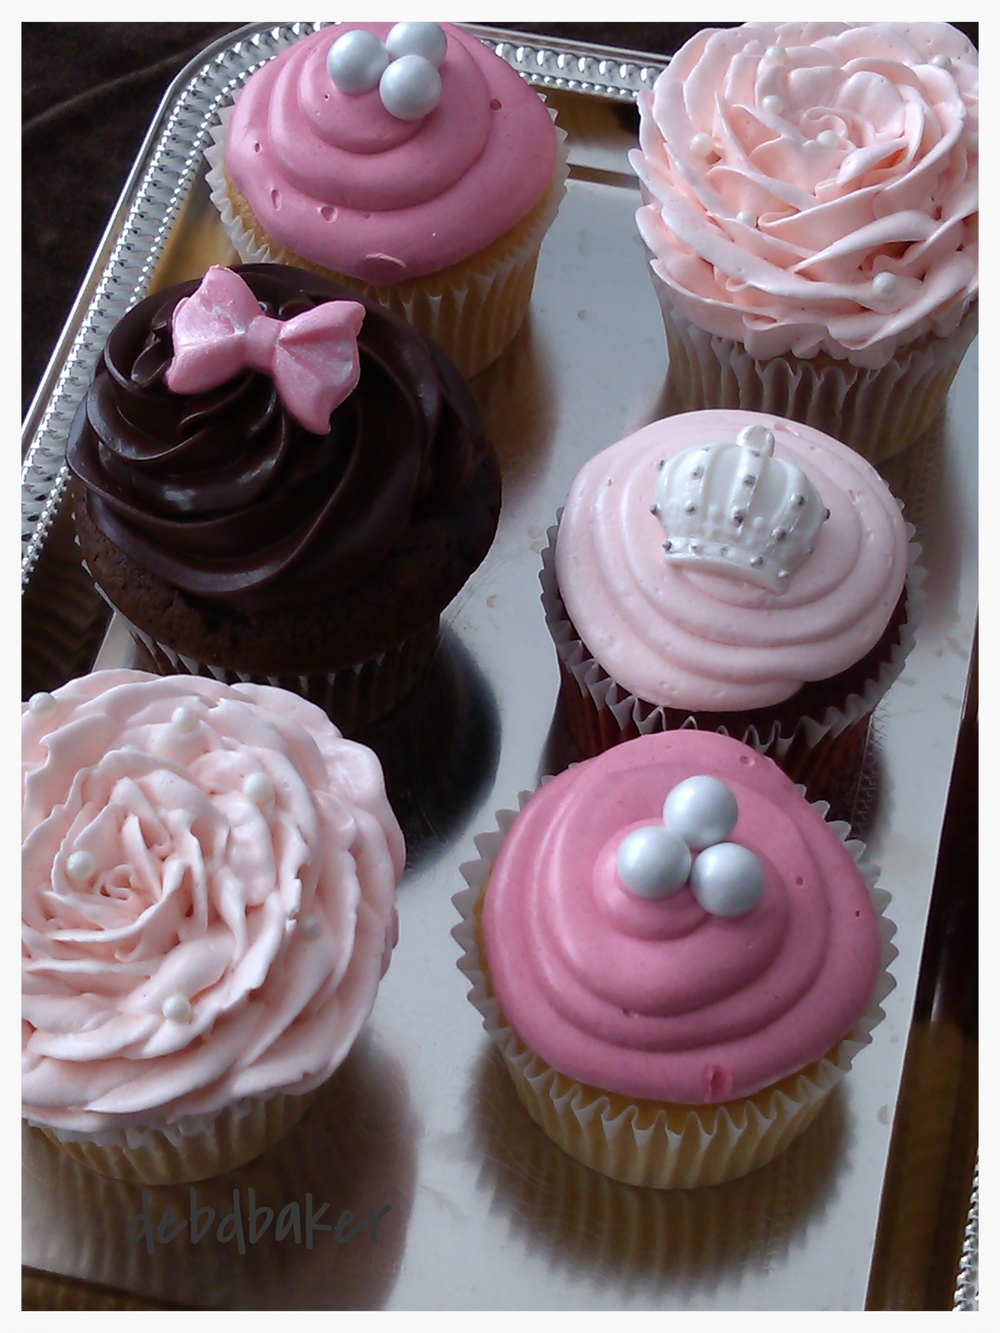 An Assortment of Cupcakes